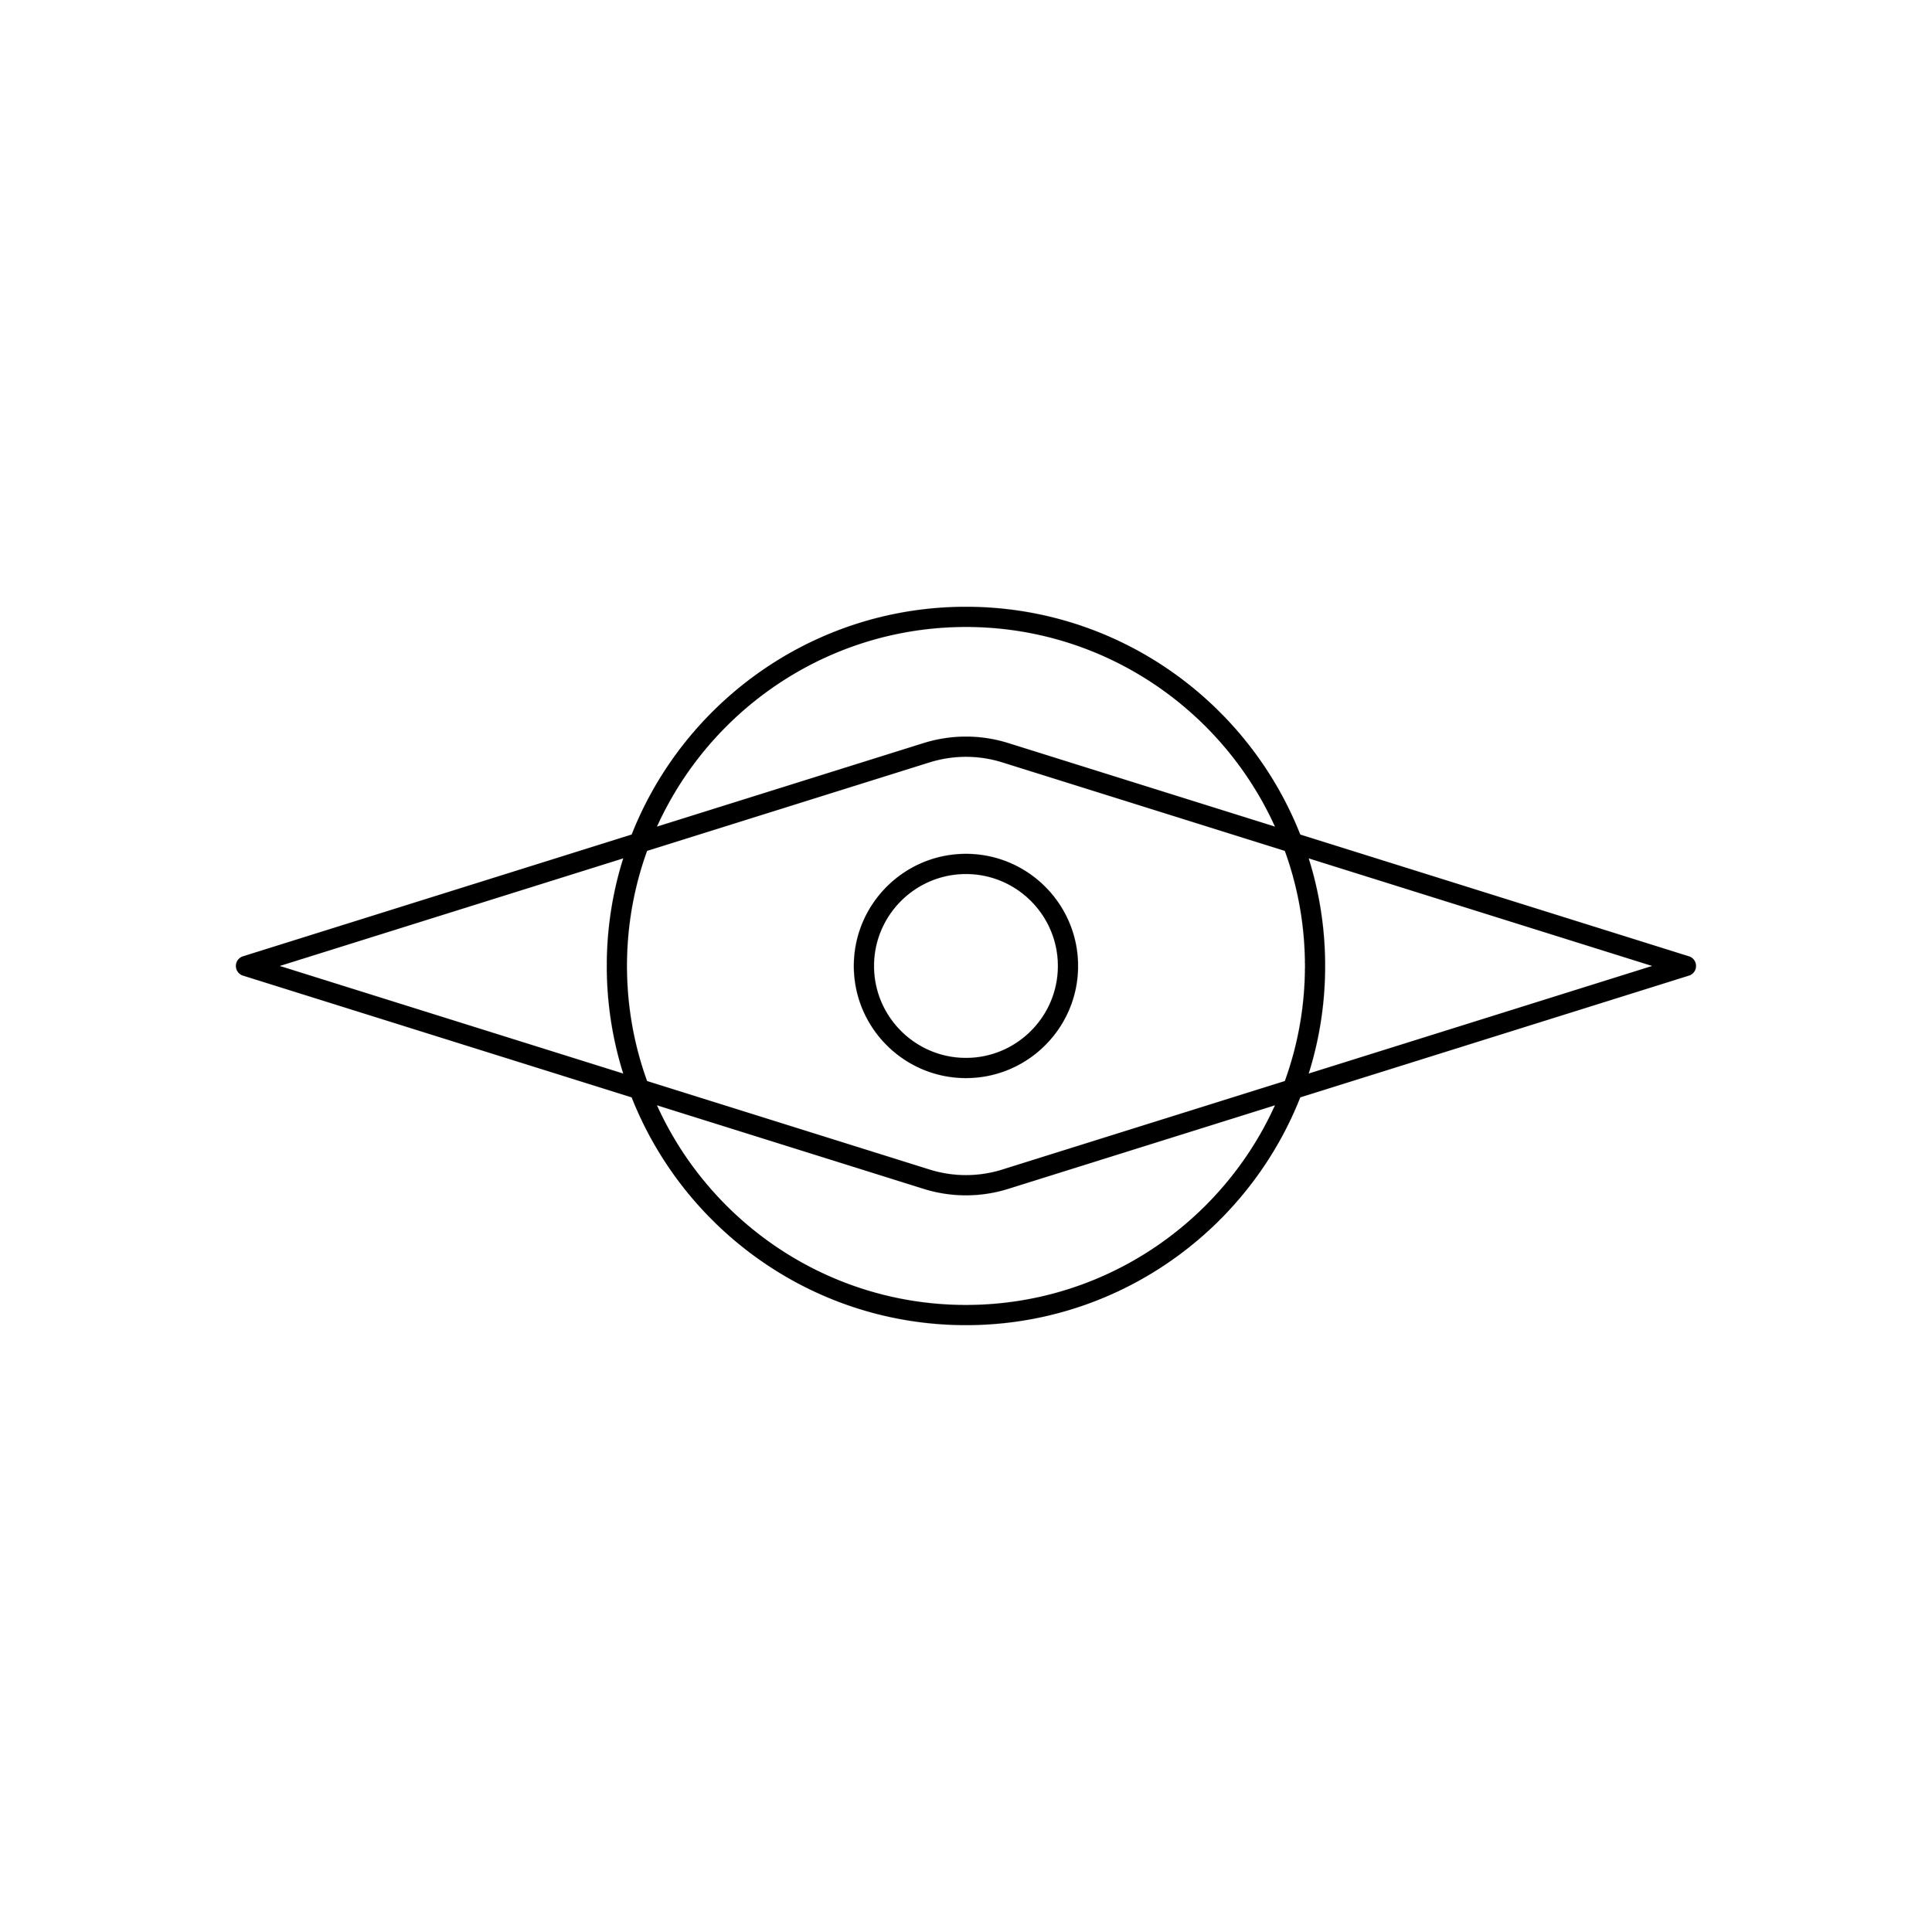 eyes-43.jpg